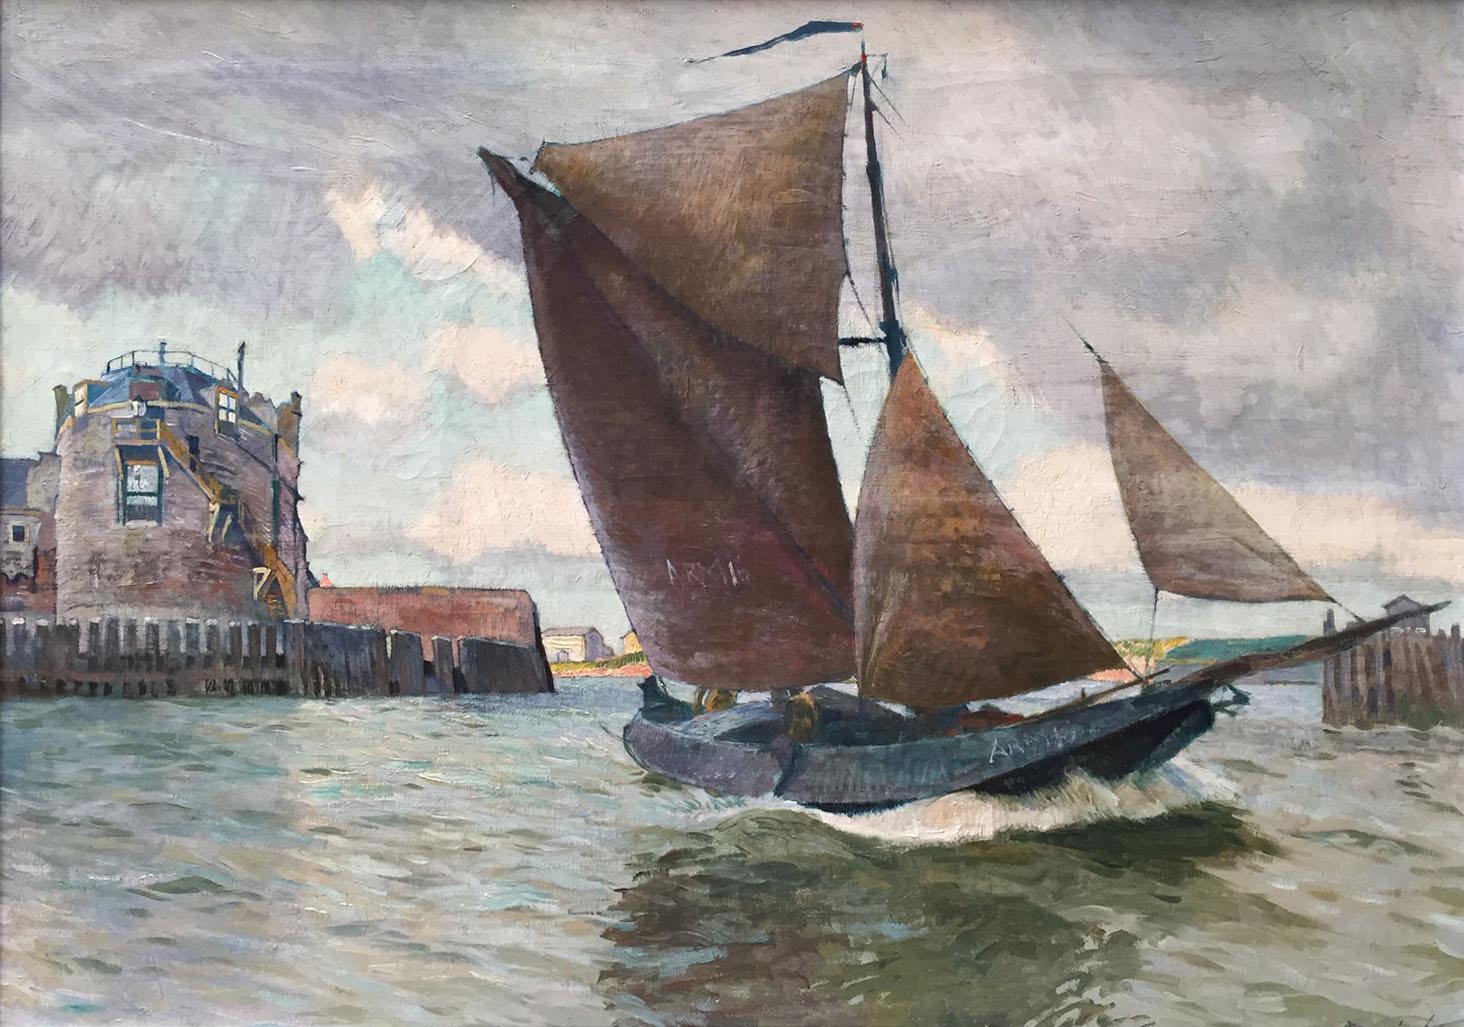 Maurice Sijs (1888-1975) The hoogaars ARM 16 near the Kampveerse Tower, Veere